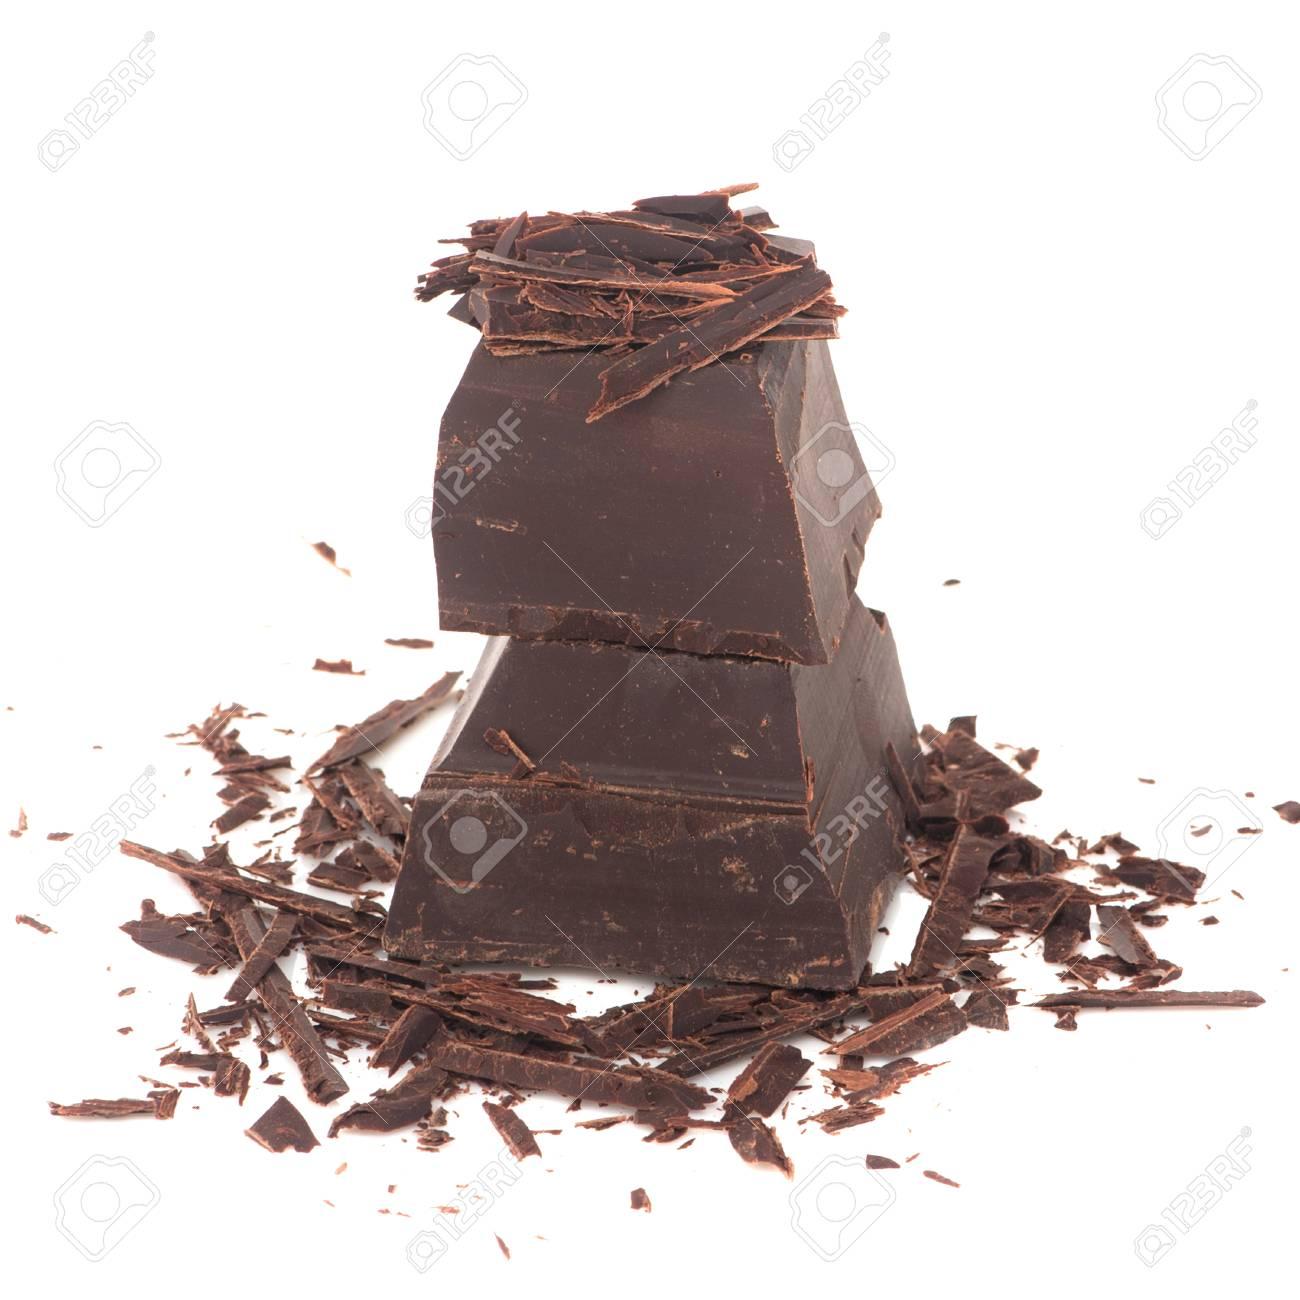 dark chocolate - 40335941